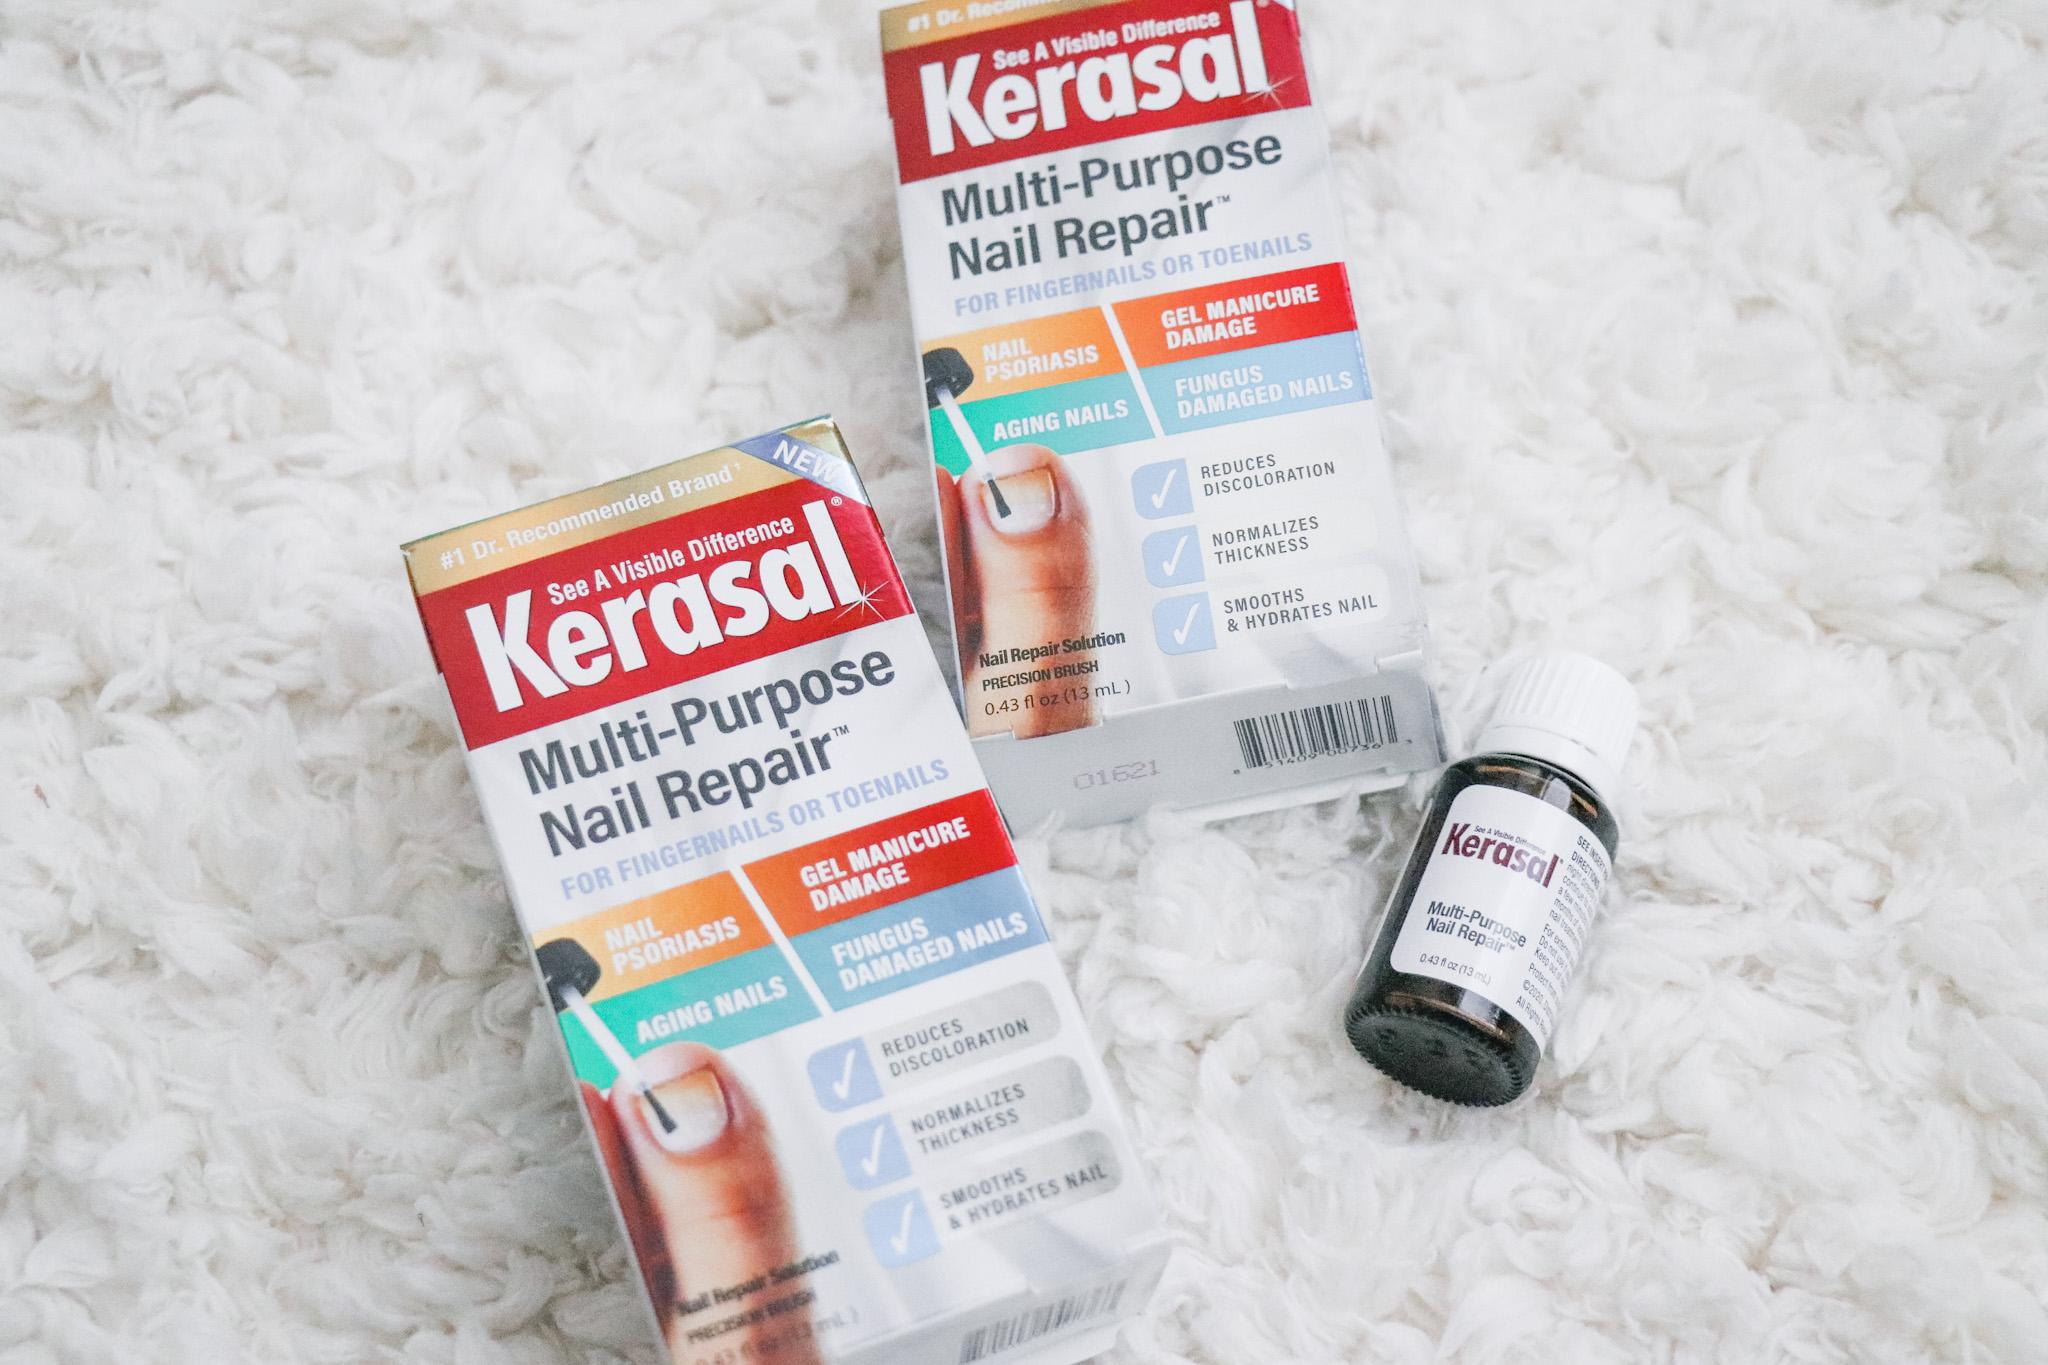 Intensive Foot Repair and Multi-Purpose Multi-Purpose Nail Repair from Kerasal